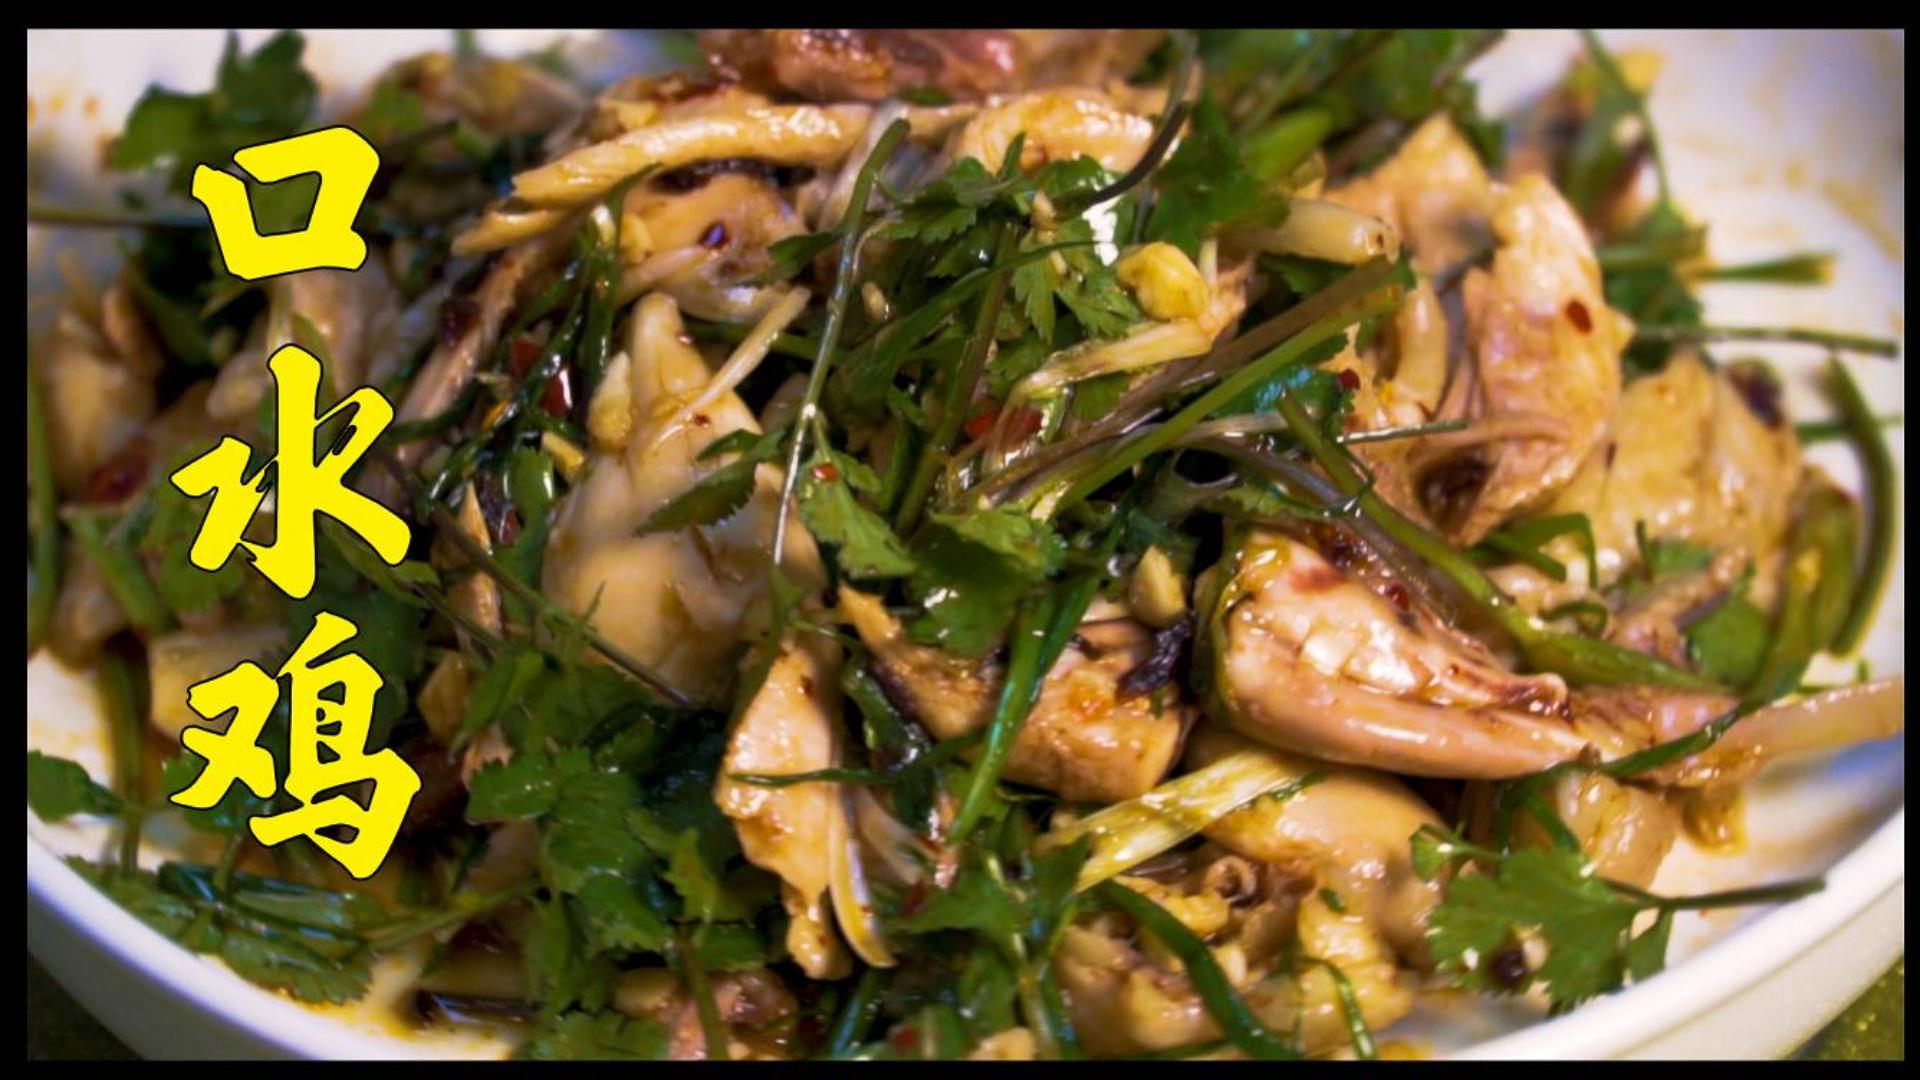 [飘香口水鸡] 四个鸡腿 加上简单的配料 制作出一盘美味可口的口水鸡!妈妈再也不担心我挑食了!